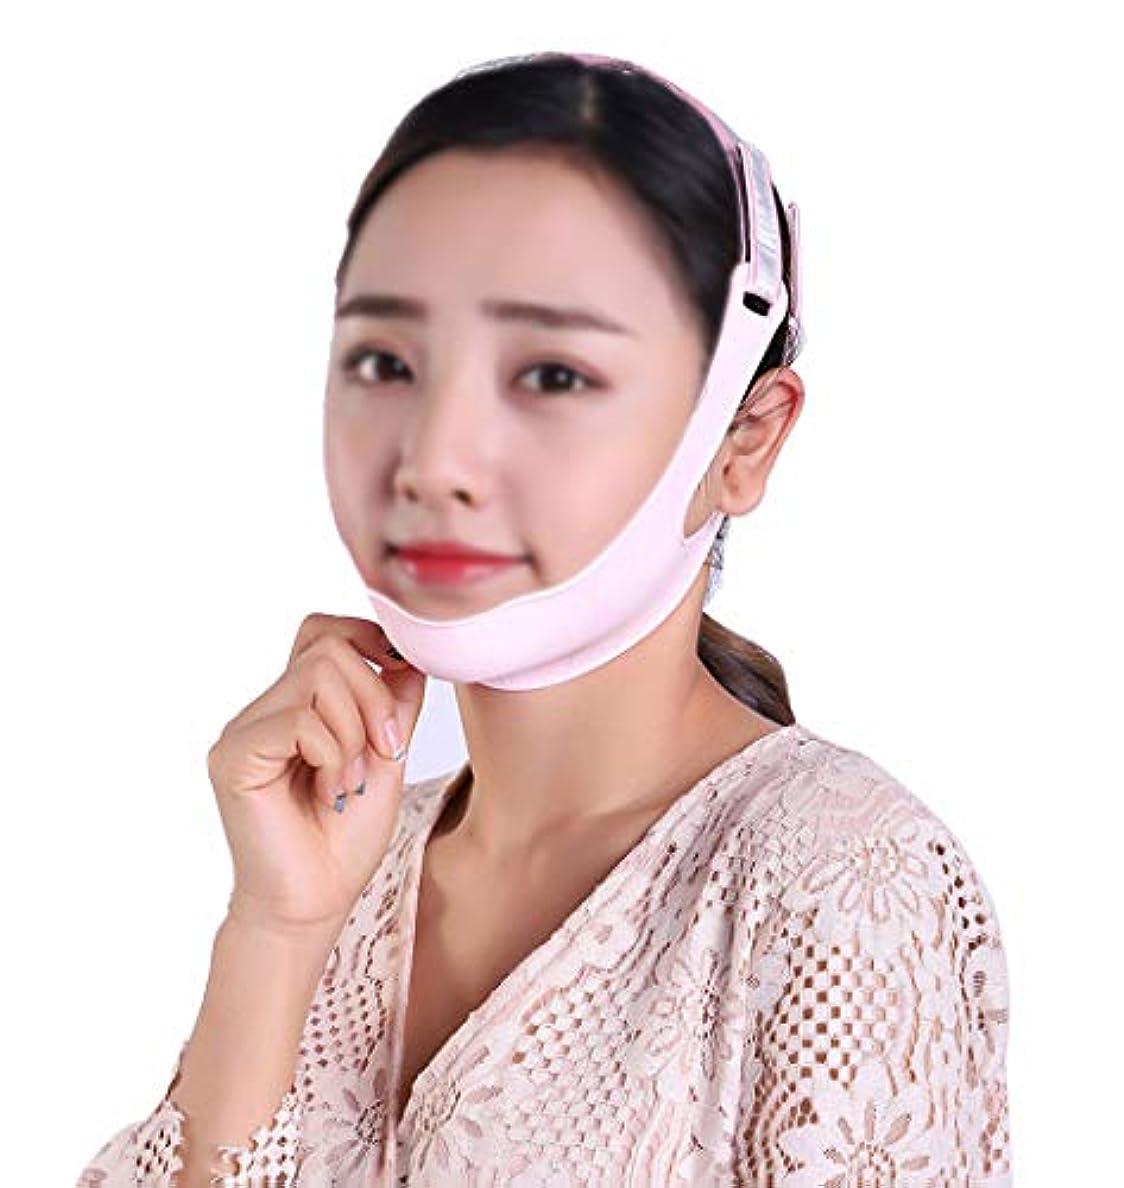 ナースクリエイティブ罰フェイスリフトマスク、シリコンVフェイスマスクの引き締め、リフティングフェイス、リラクゼーションフェイスとネックリフトのバンデージスモールVフェイスアーチファクト防止 (Size : L)